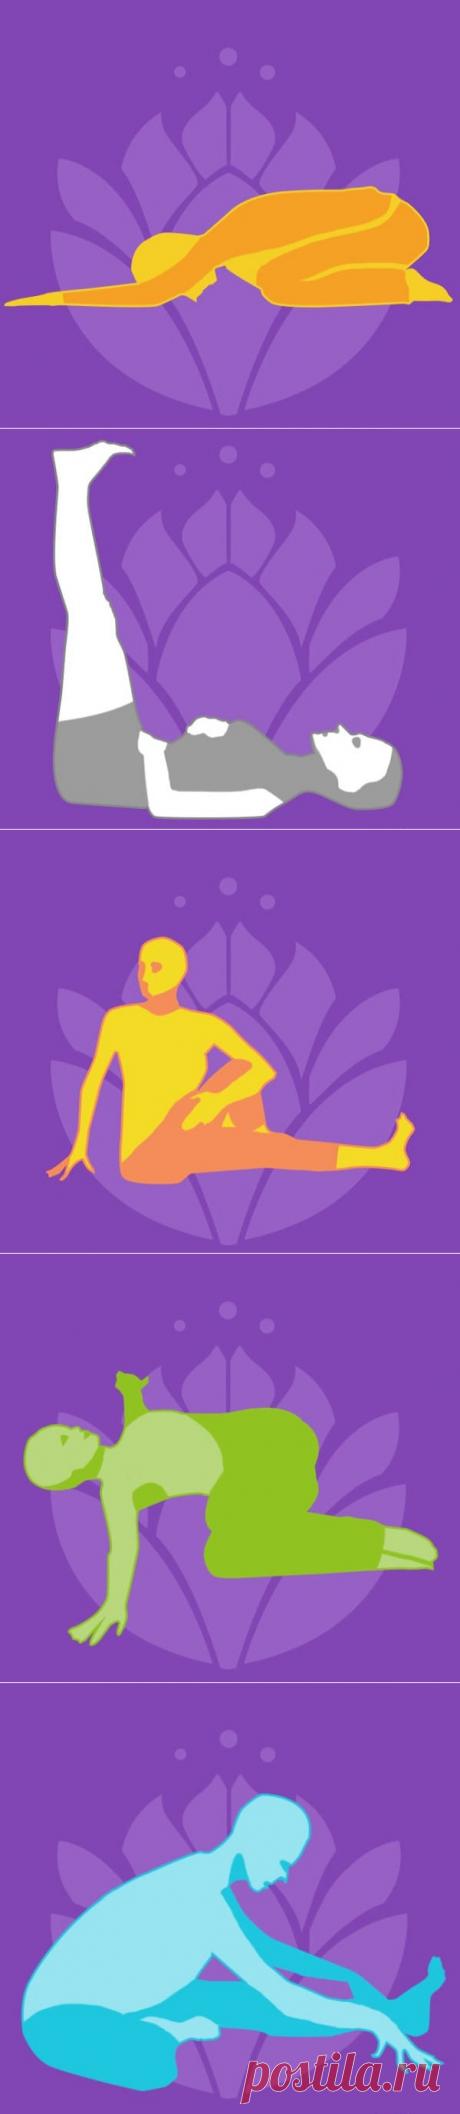 Как избавиться от боли в спине — Всегда в форме!